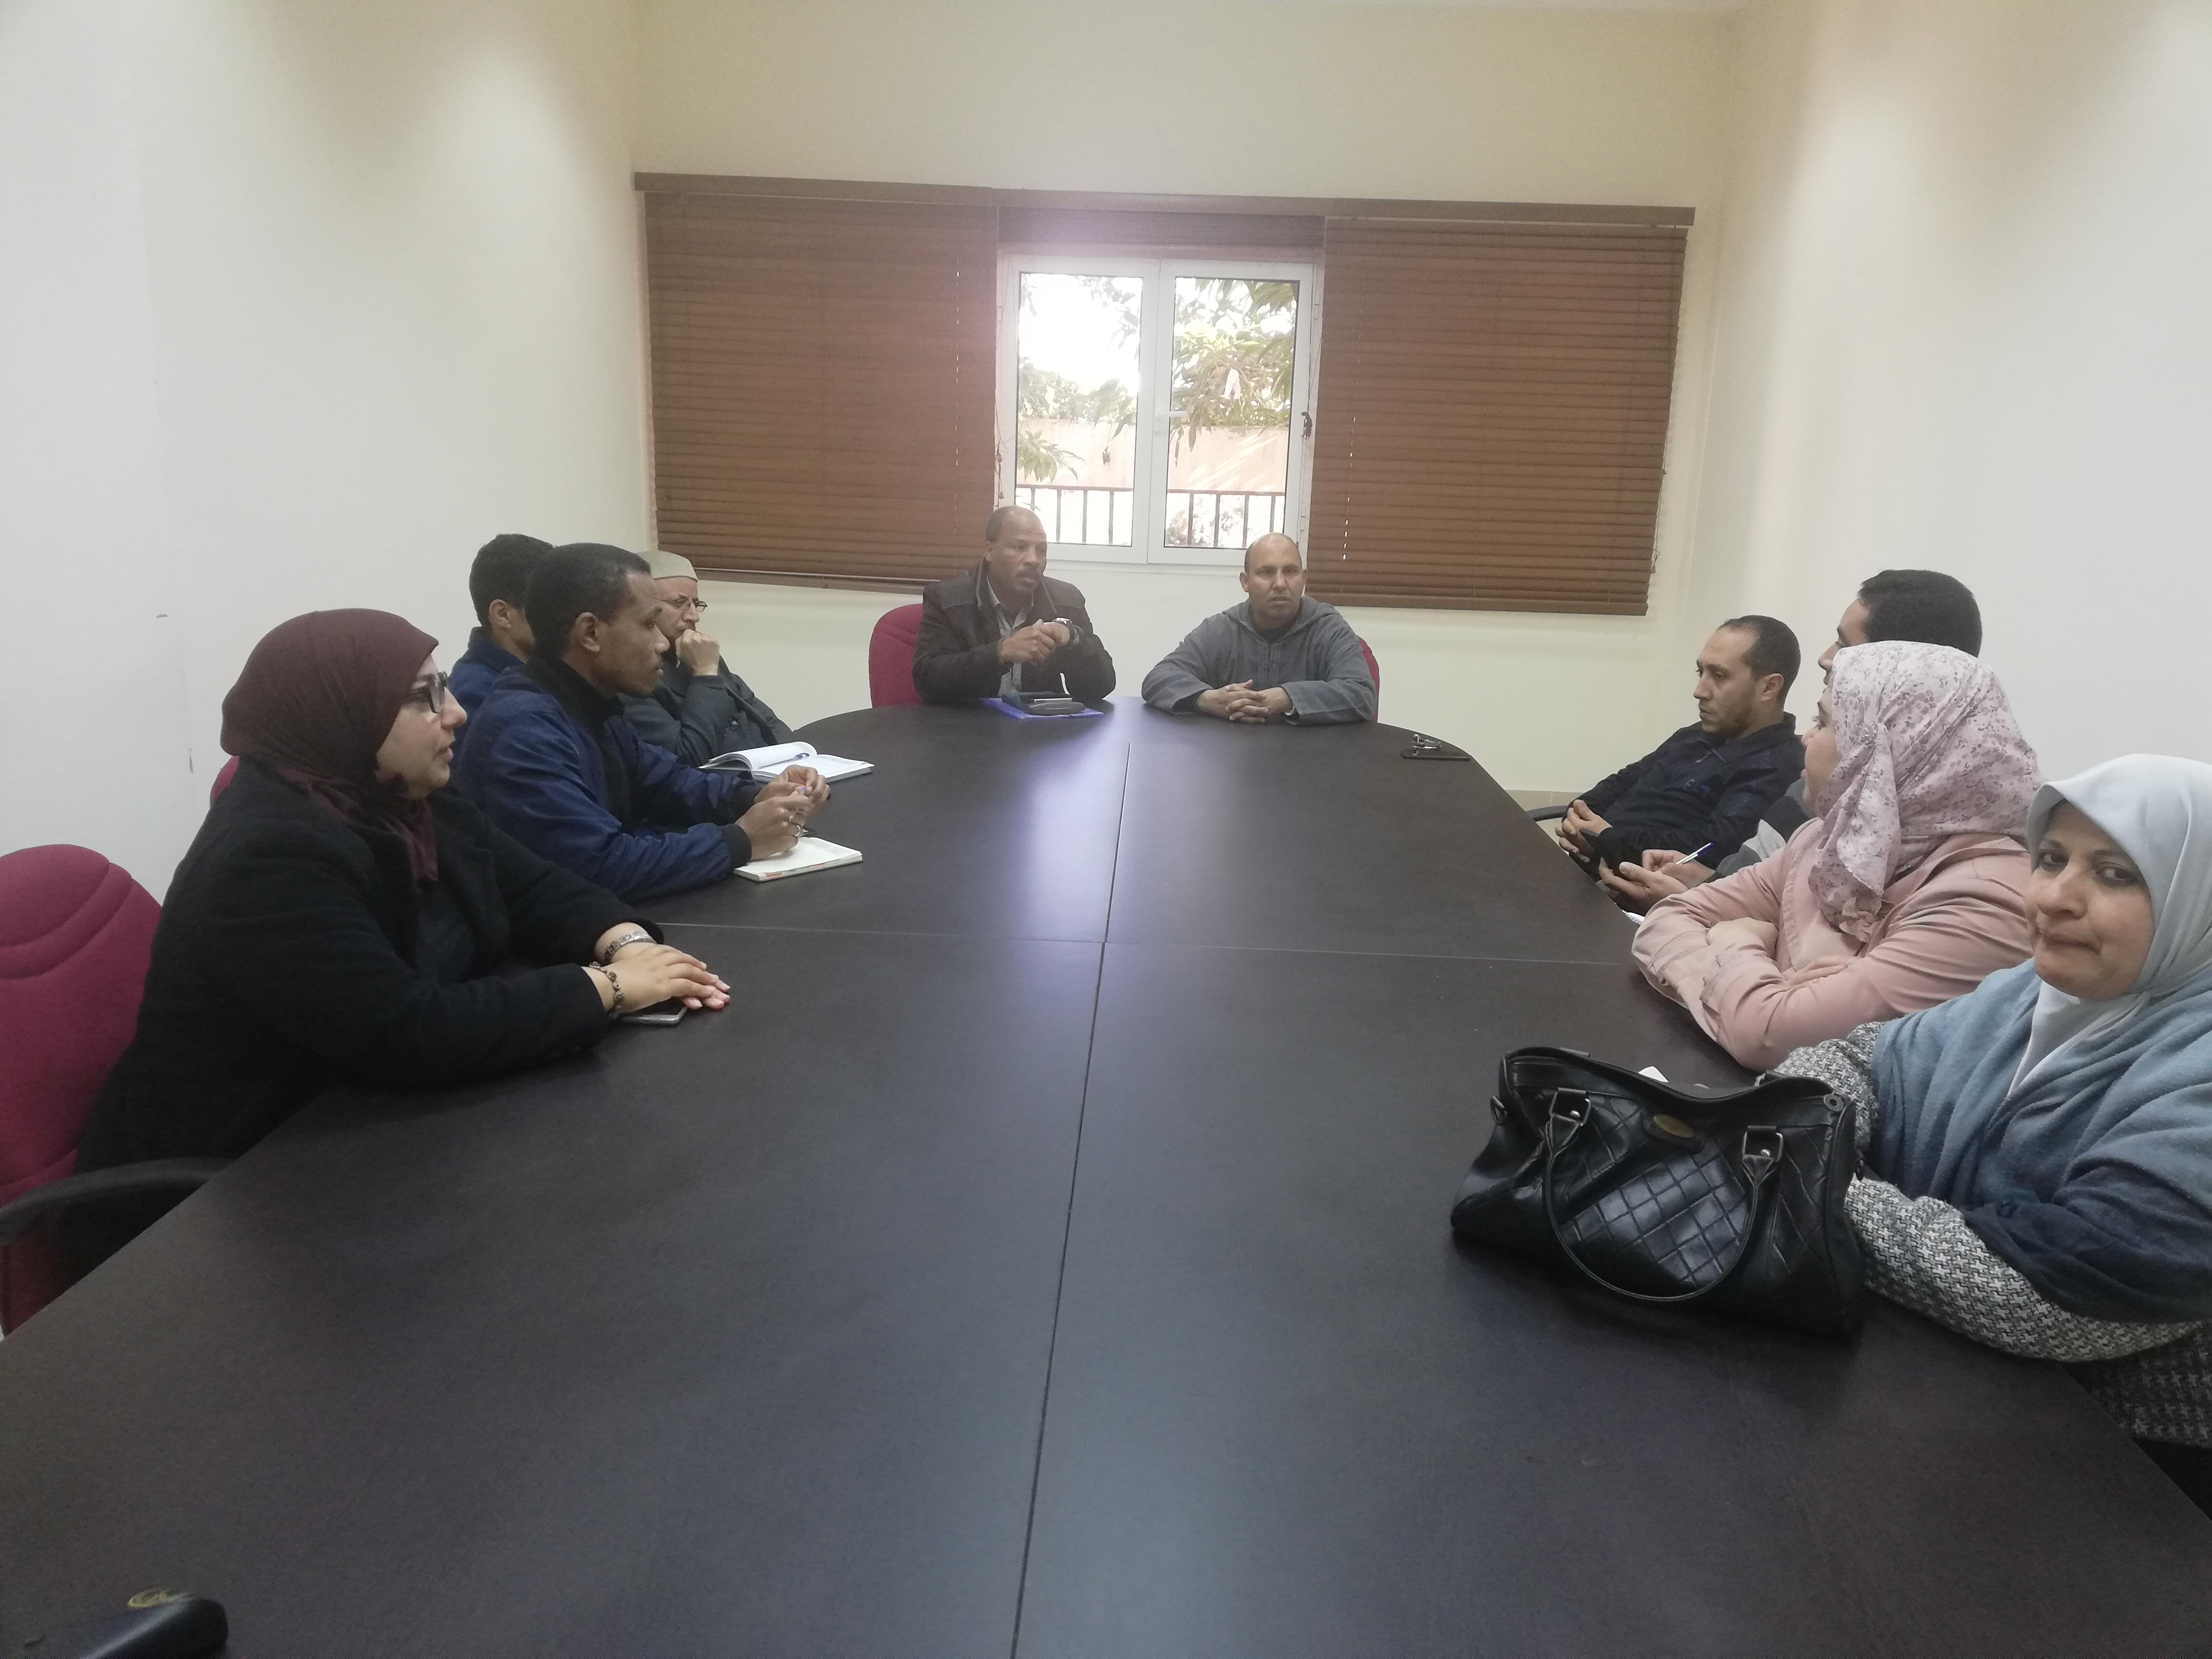 المكتب الجهوي للجامعة بأكادير يدخل على خط مهزلة الانتقالات ويفتح عريضة للتظلمات